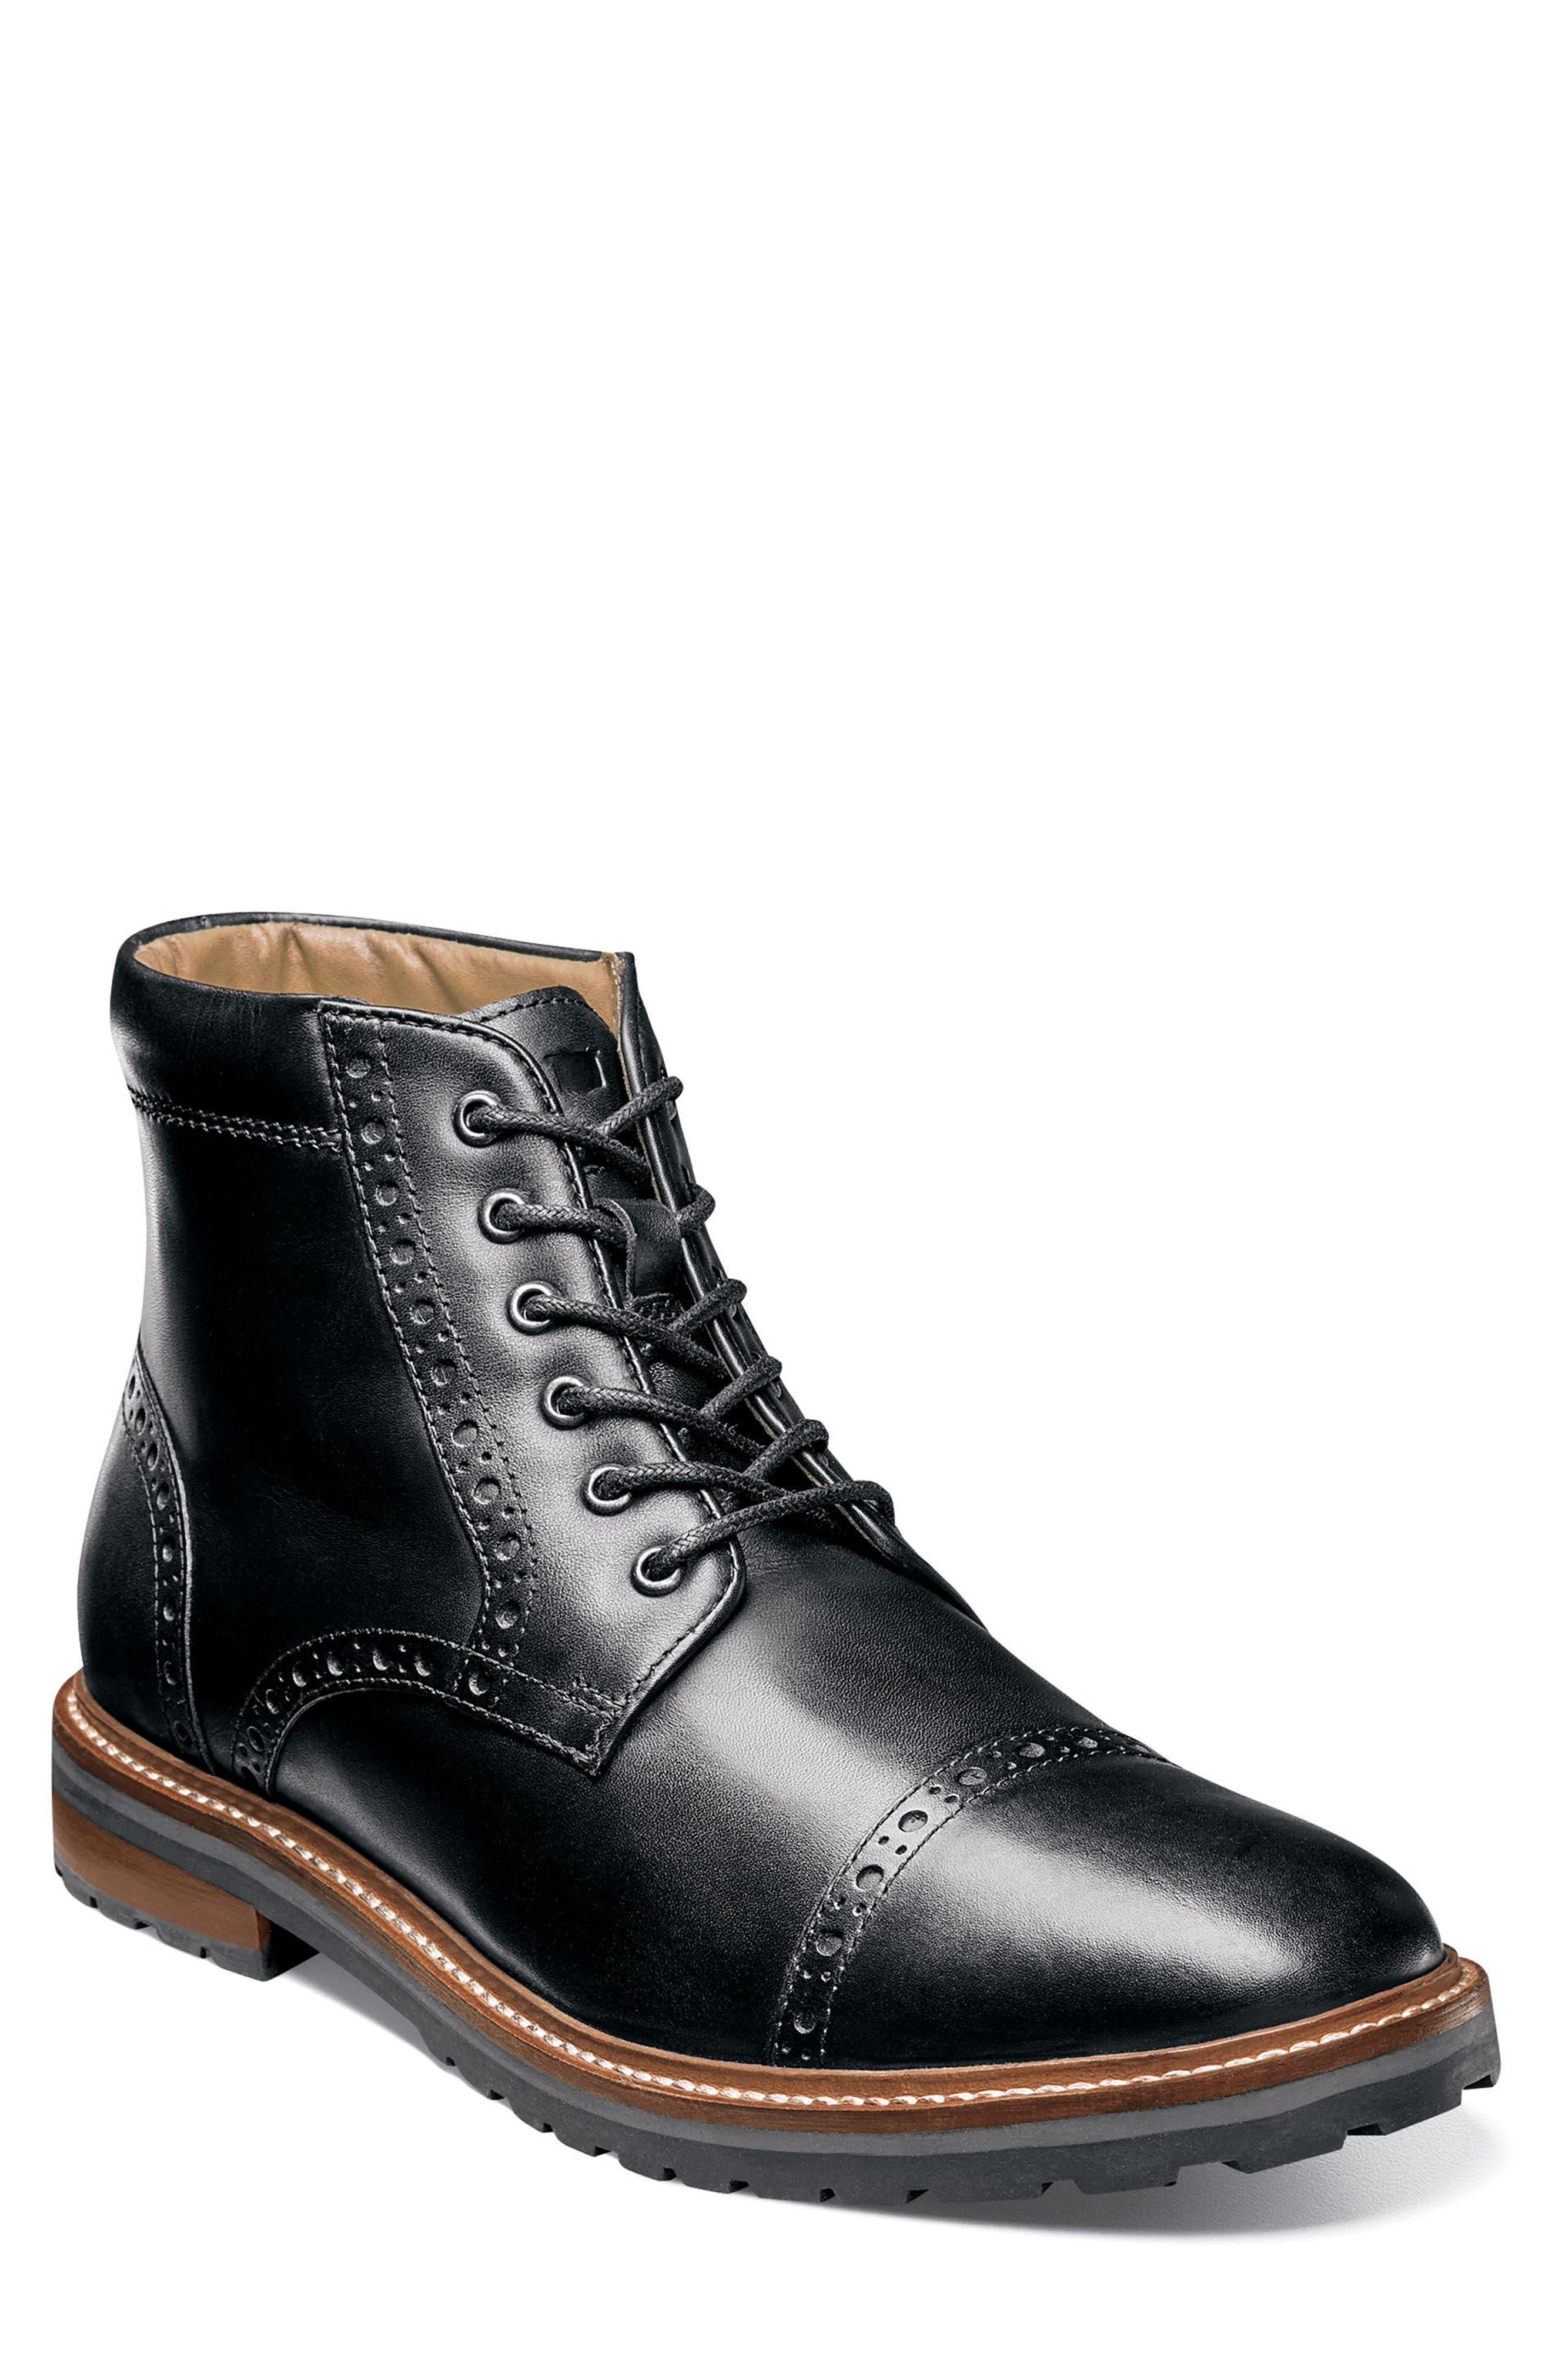 FLORSHEIM Estabrook Cap Toe Boot, Main, color, BLACK LEATHER